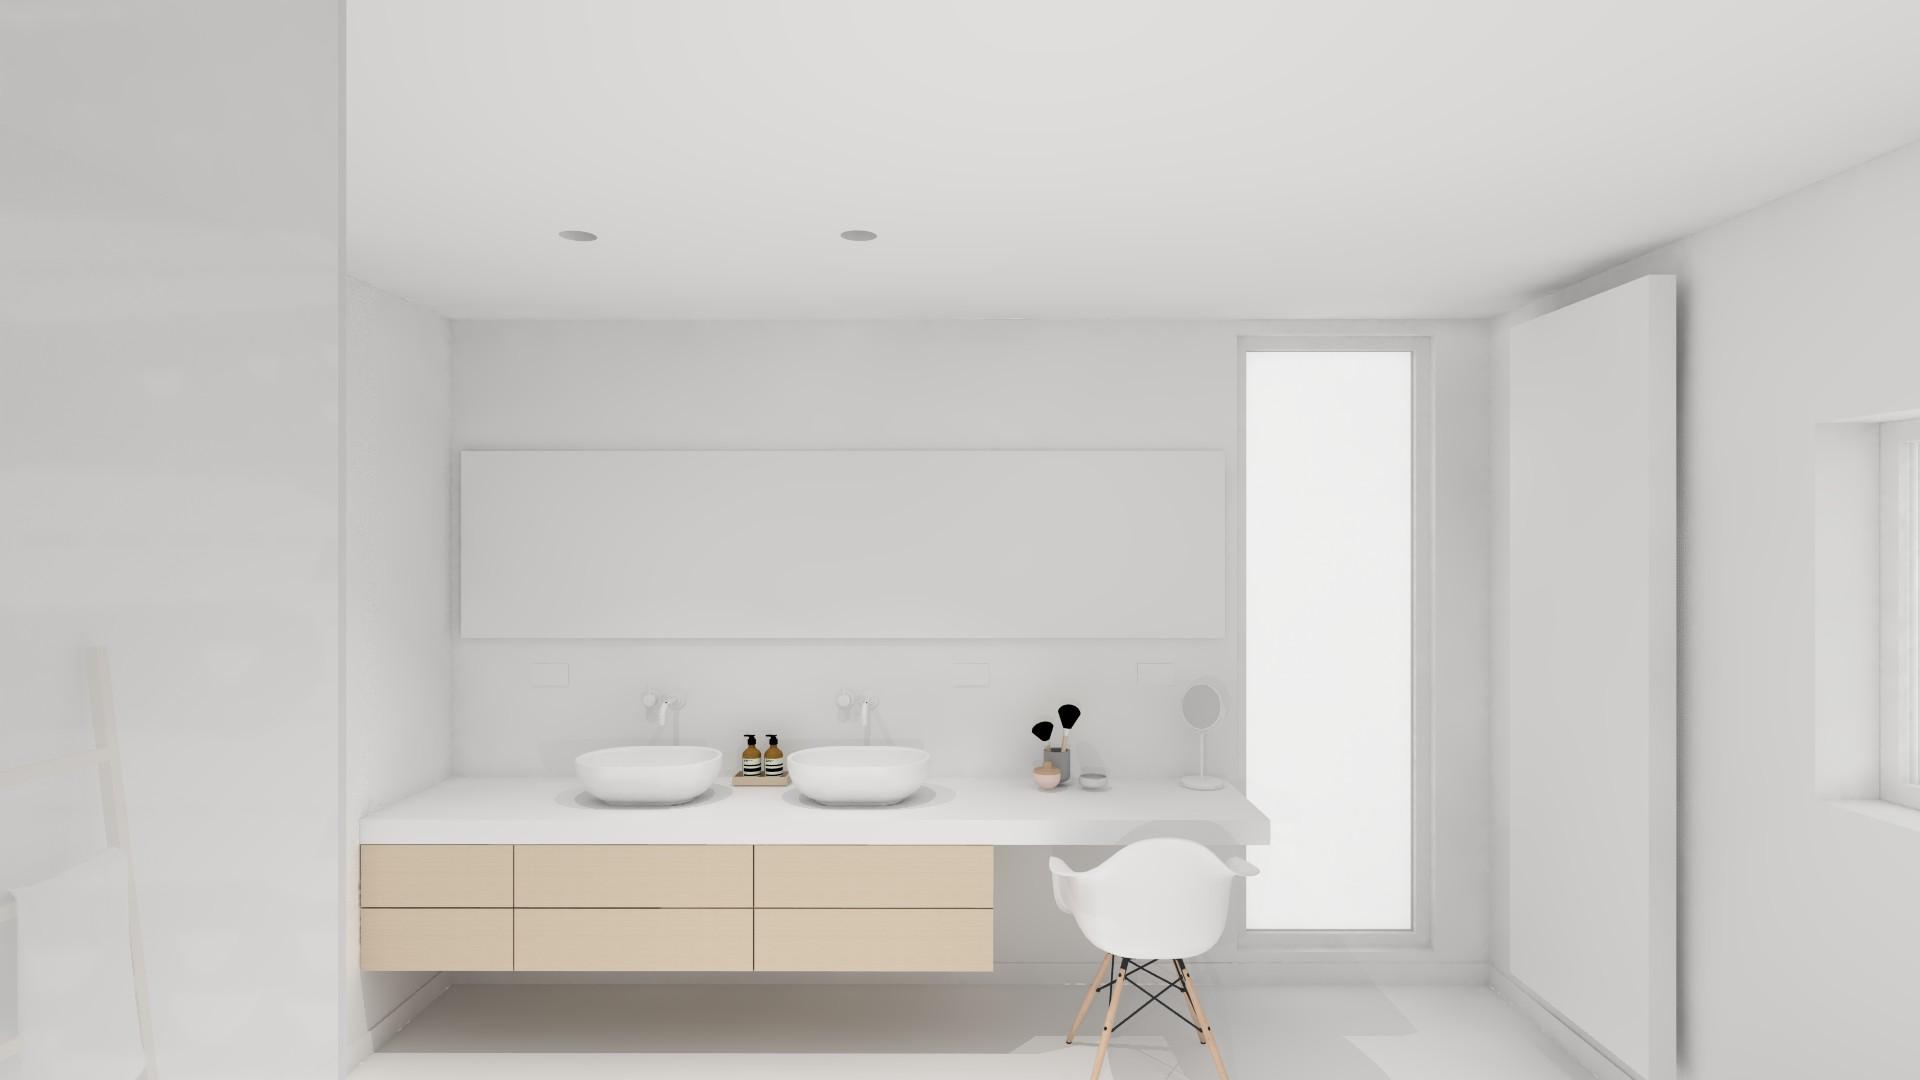 interieurarchitectuur nieuwbouw badkamer